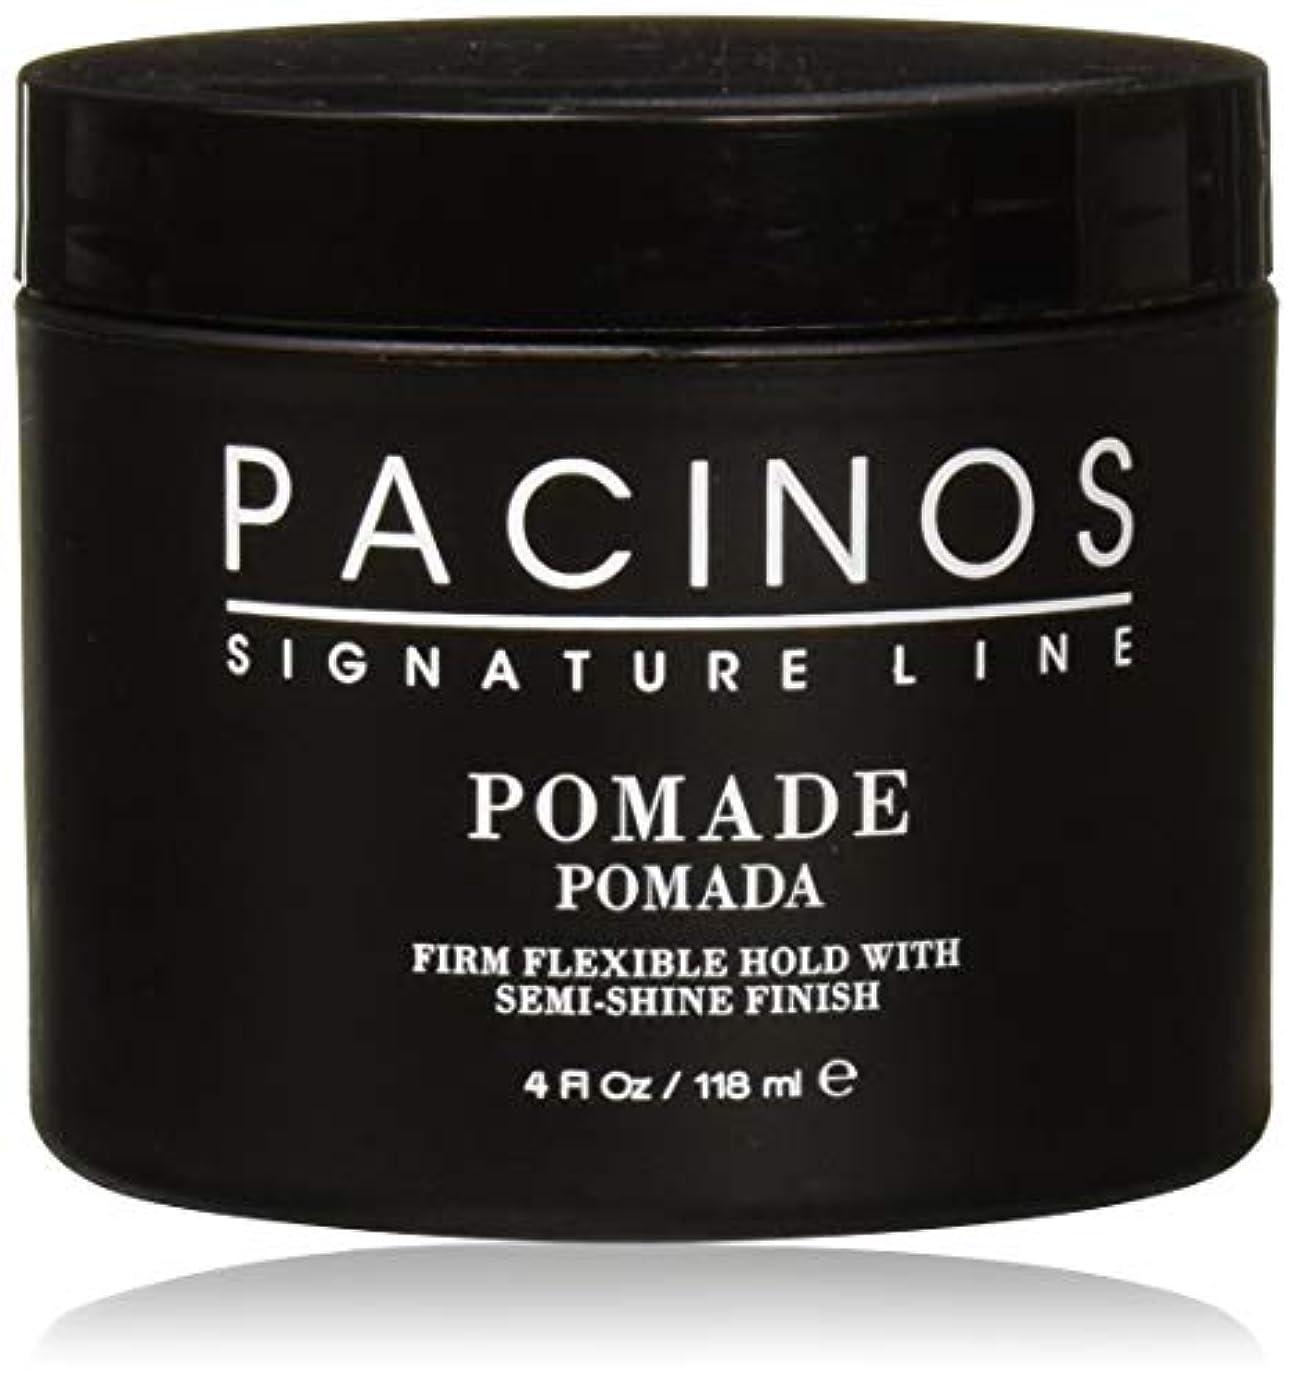 プラットフォーム不快な不透明なPacinos Pomade パチーノス?ポマード【日本正規品】4oz(118g)